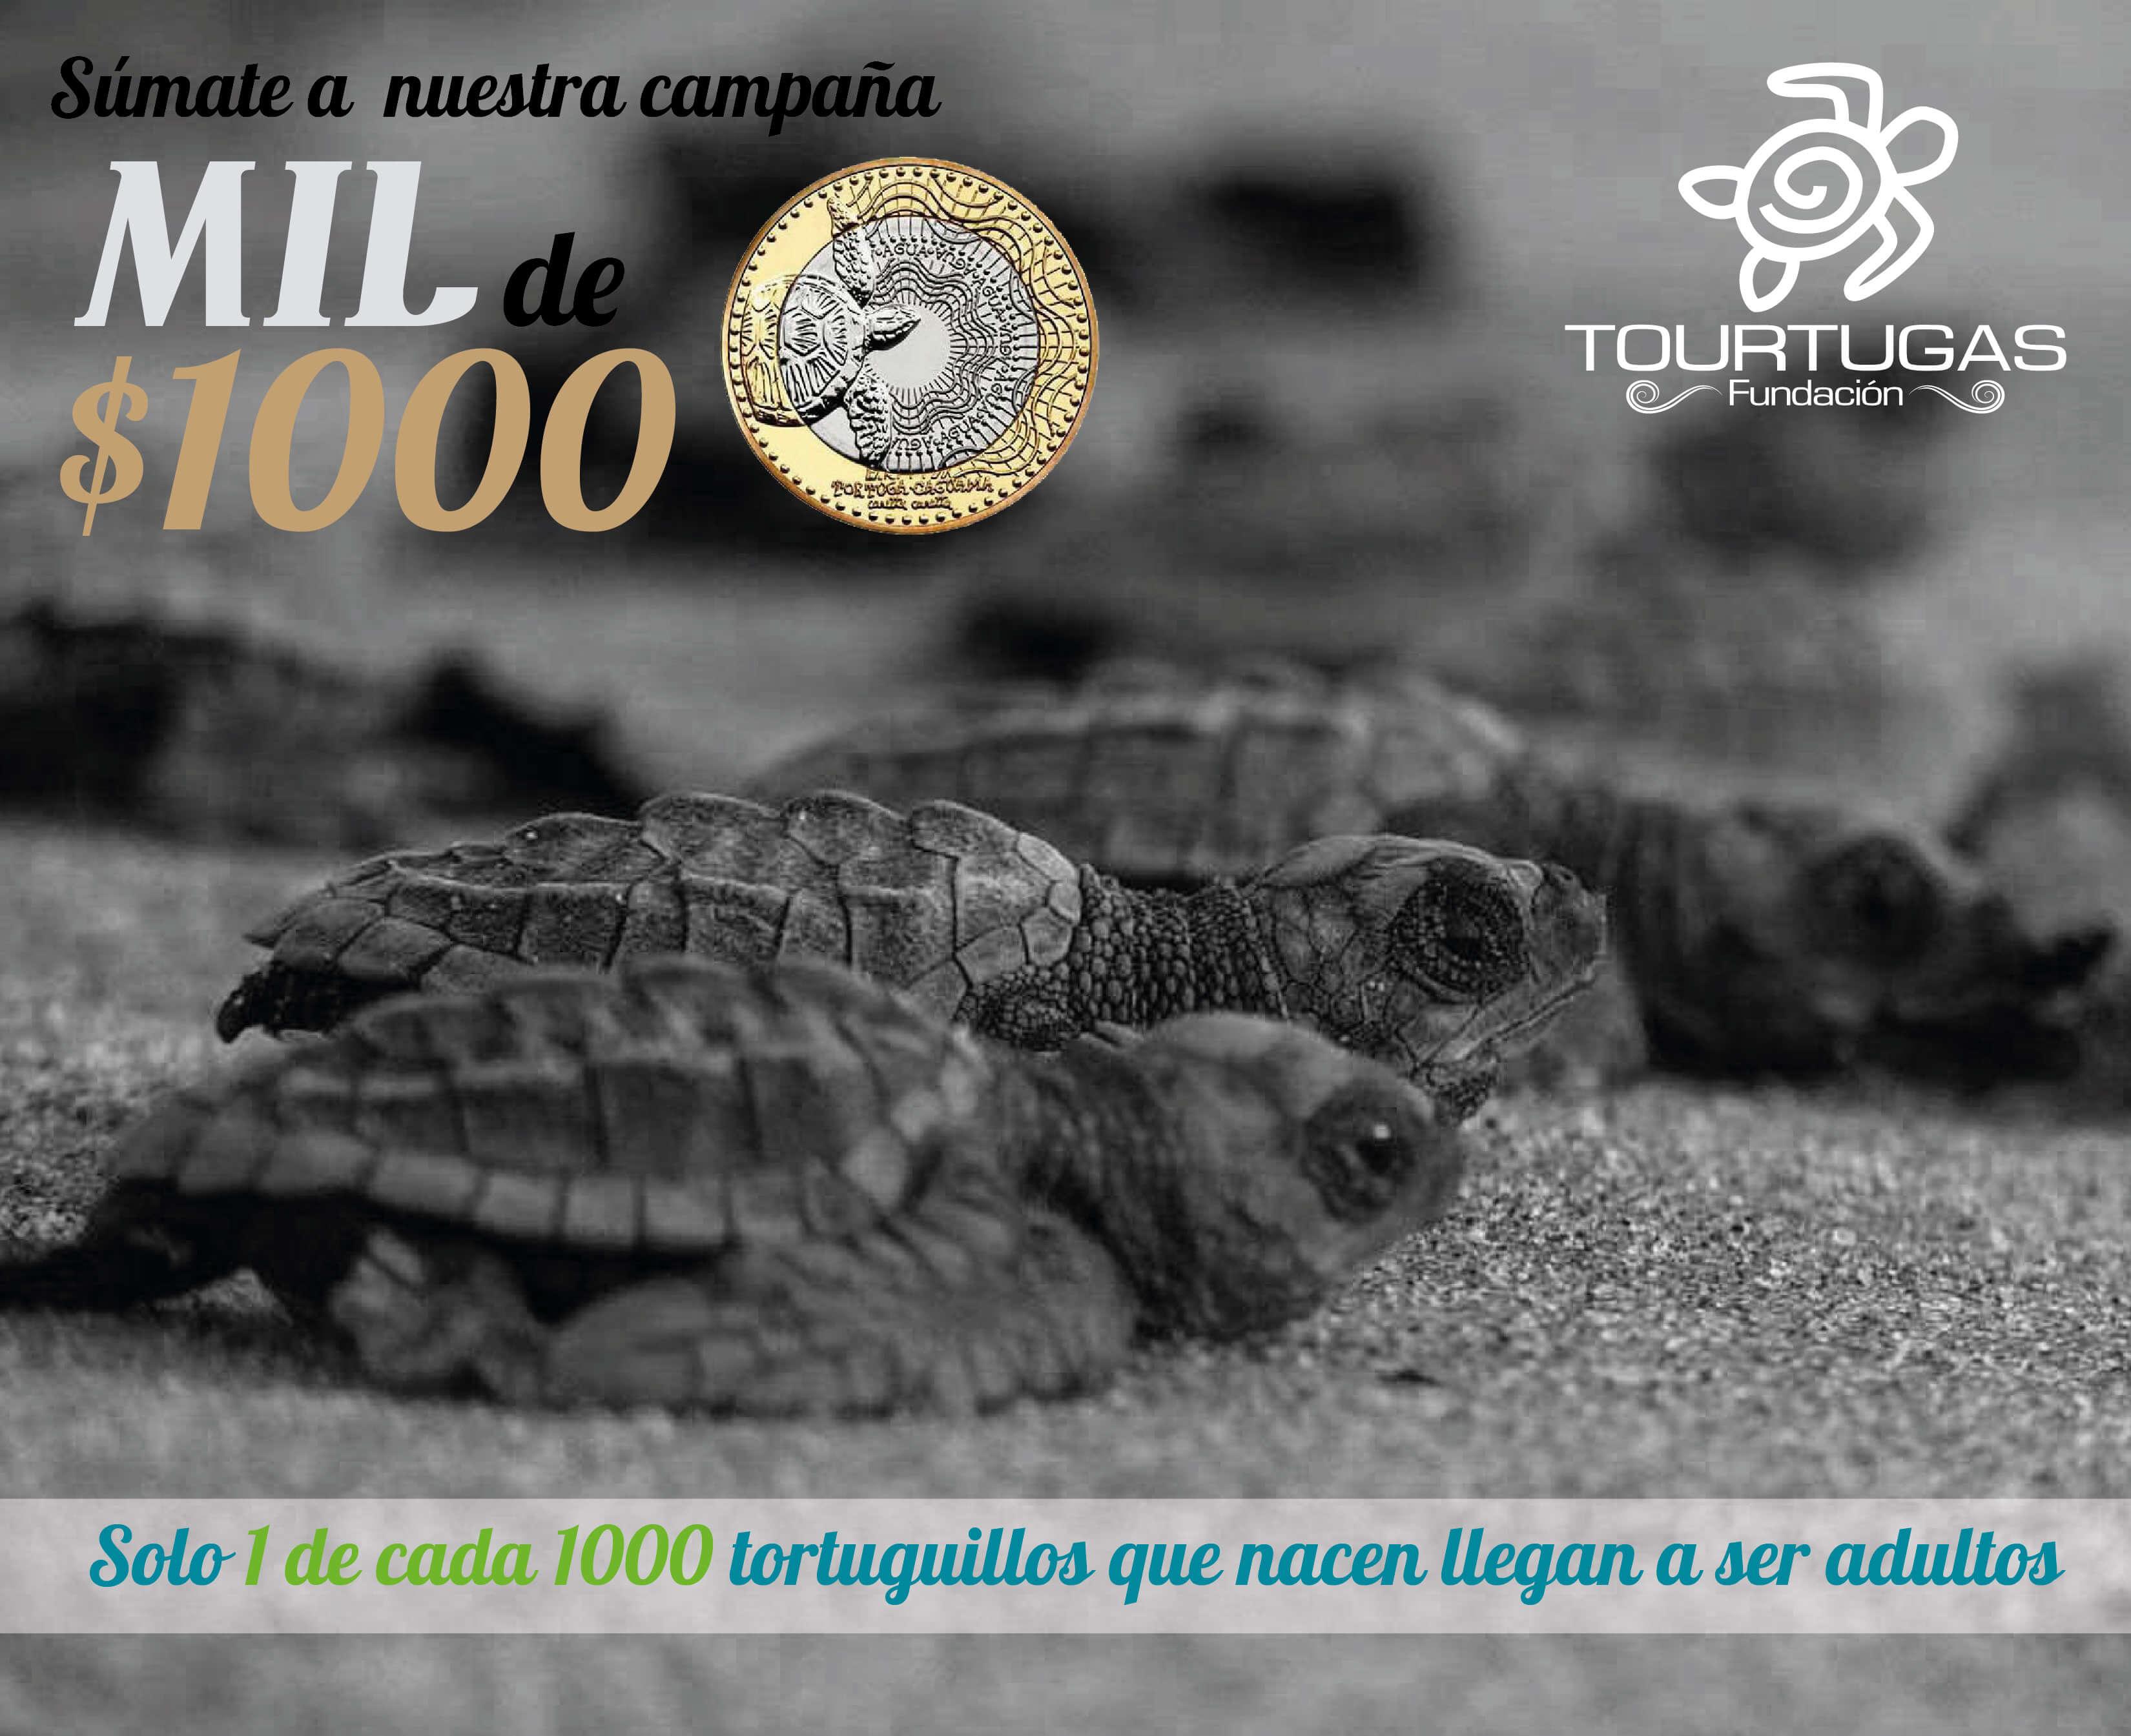 Foto en blanco y negro de tortugillos en la playa, con el nombre de la campaña, una moneda de mil por el lado que muestra la tortuga marina y la frase solo 1 de cada mil tortuguillos que nacen llega a ser adulto.